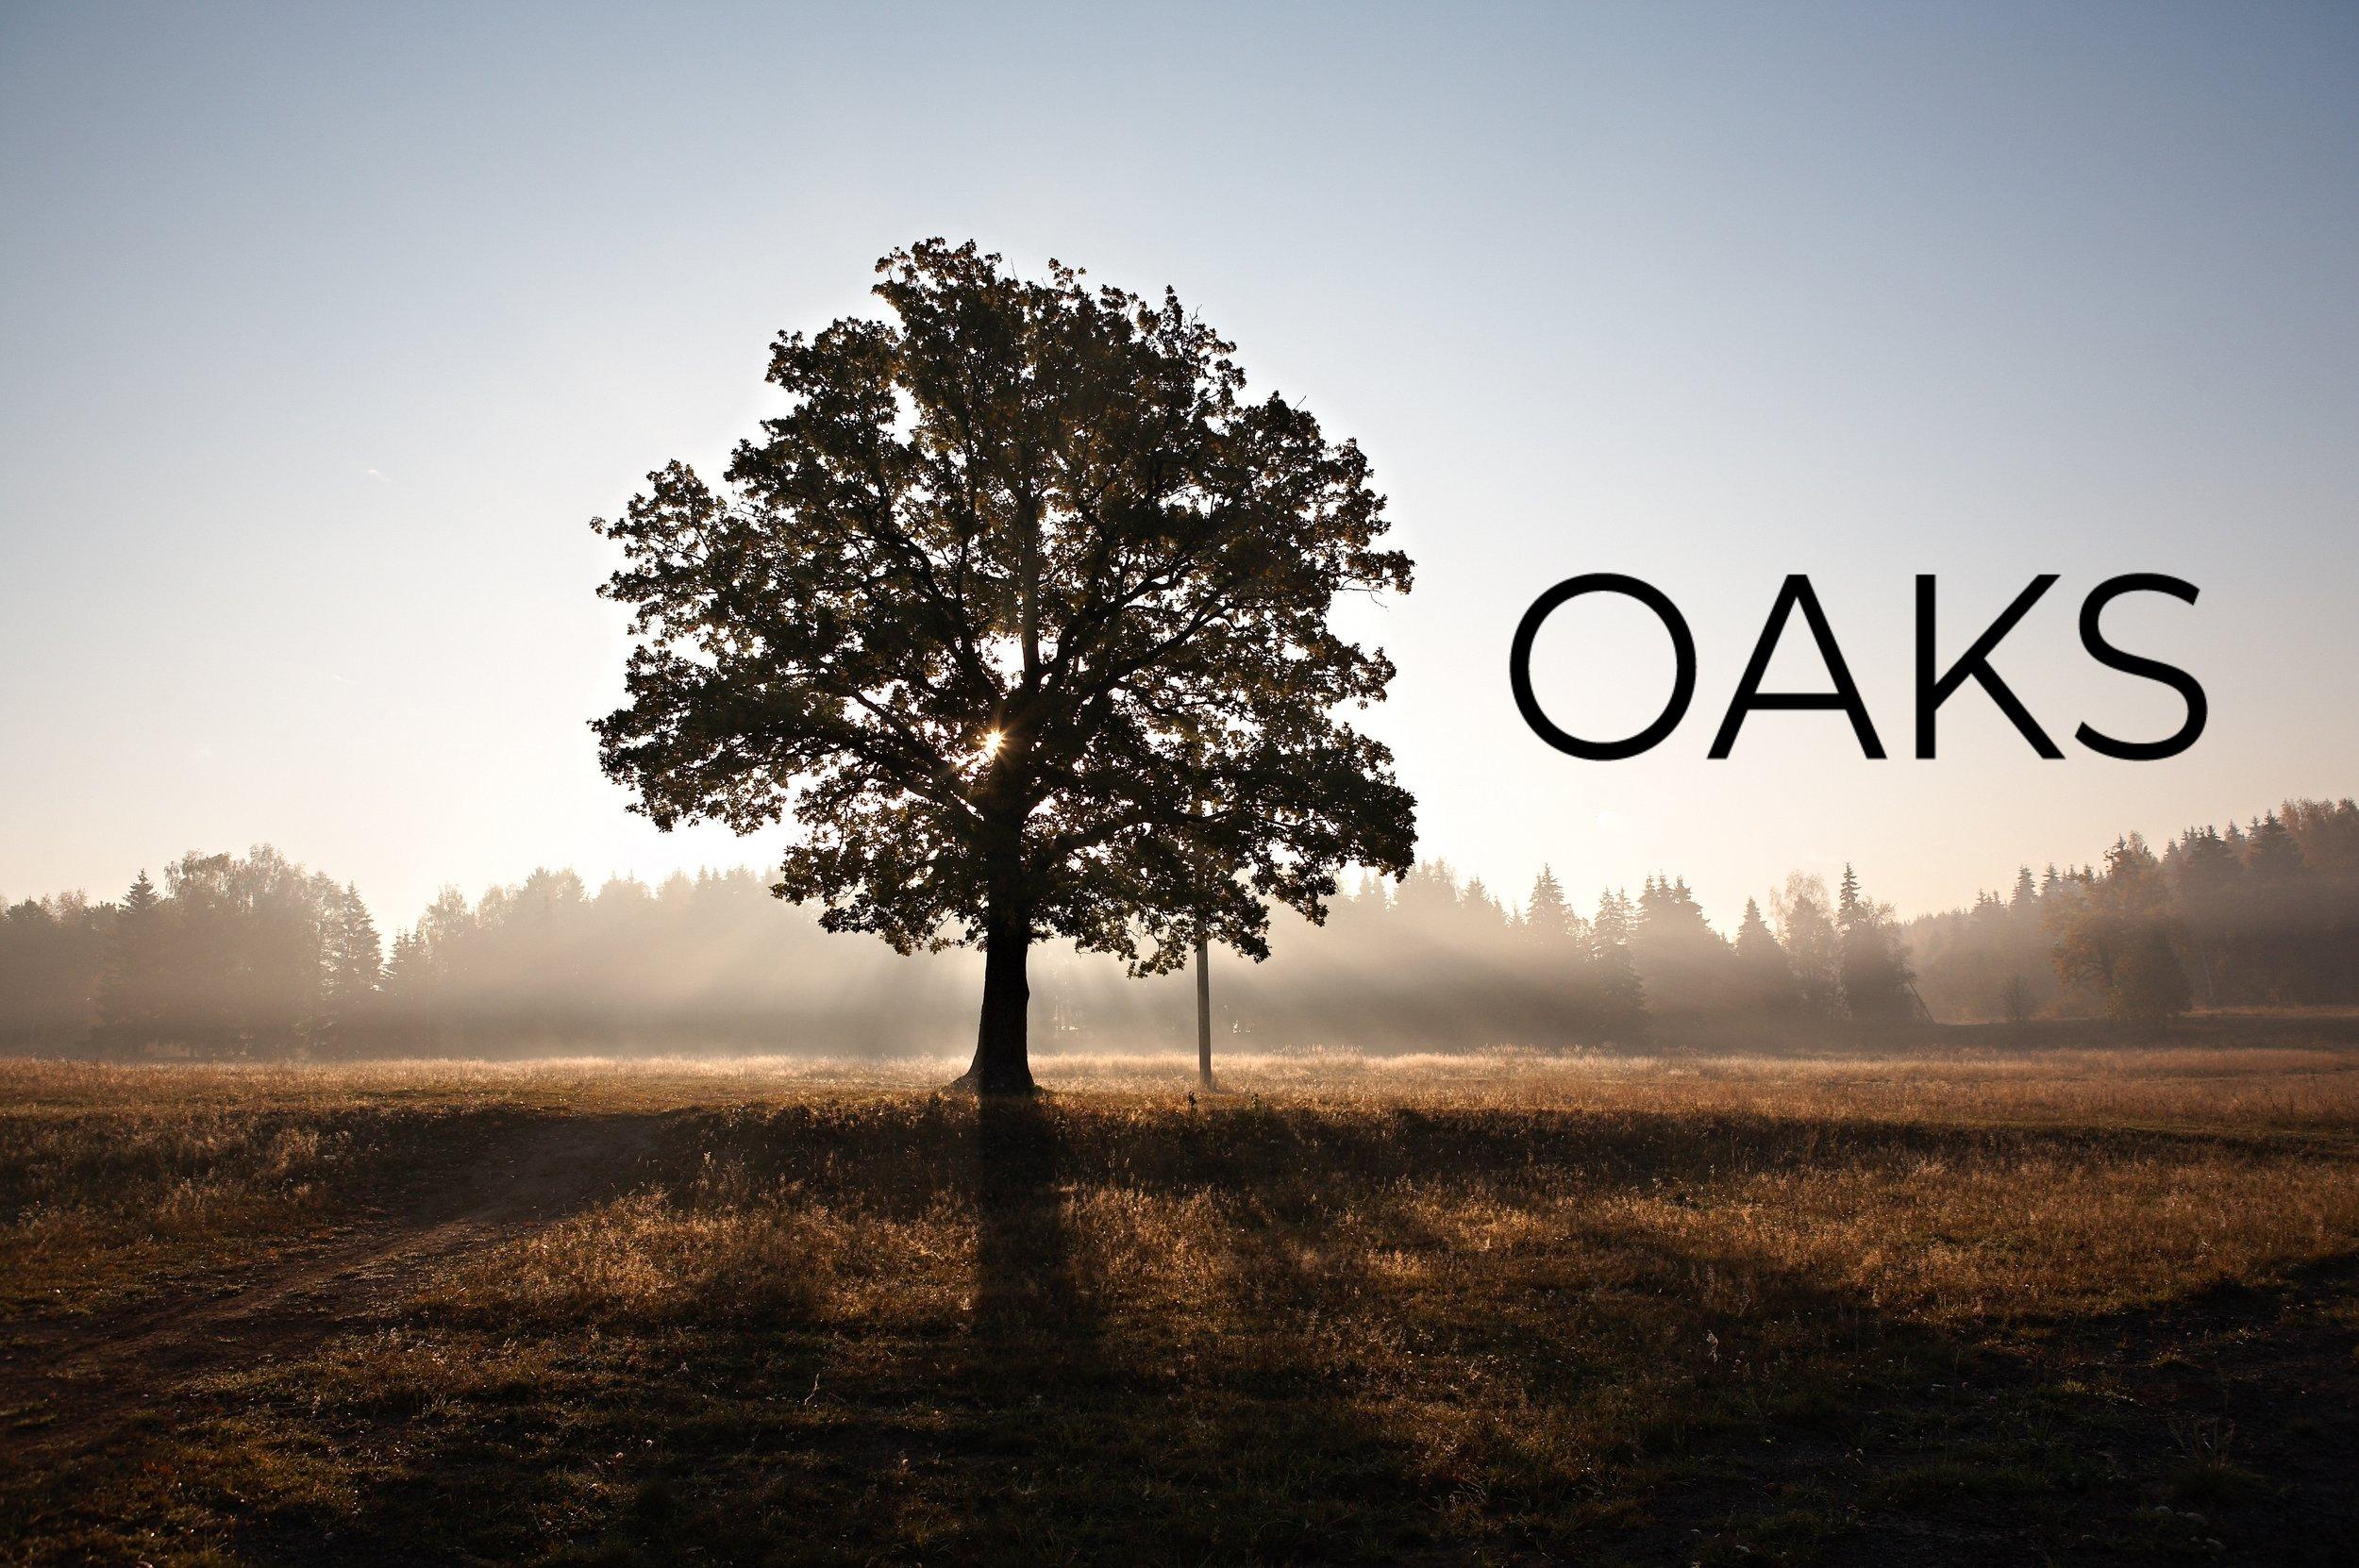 oaks 2.jpg